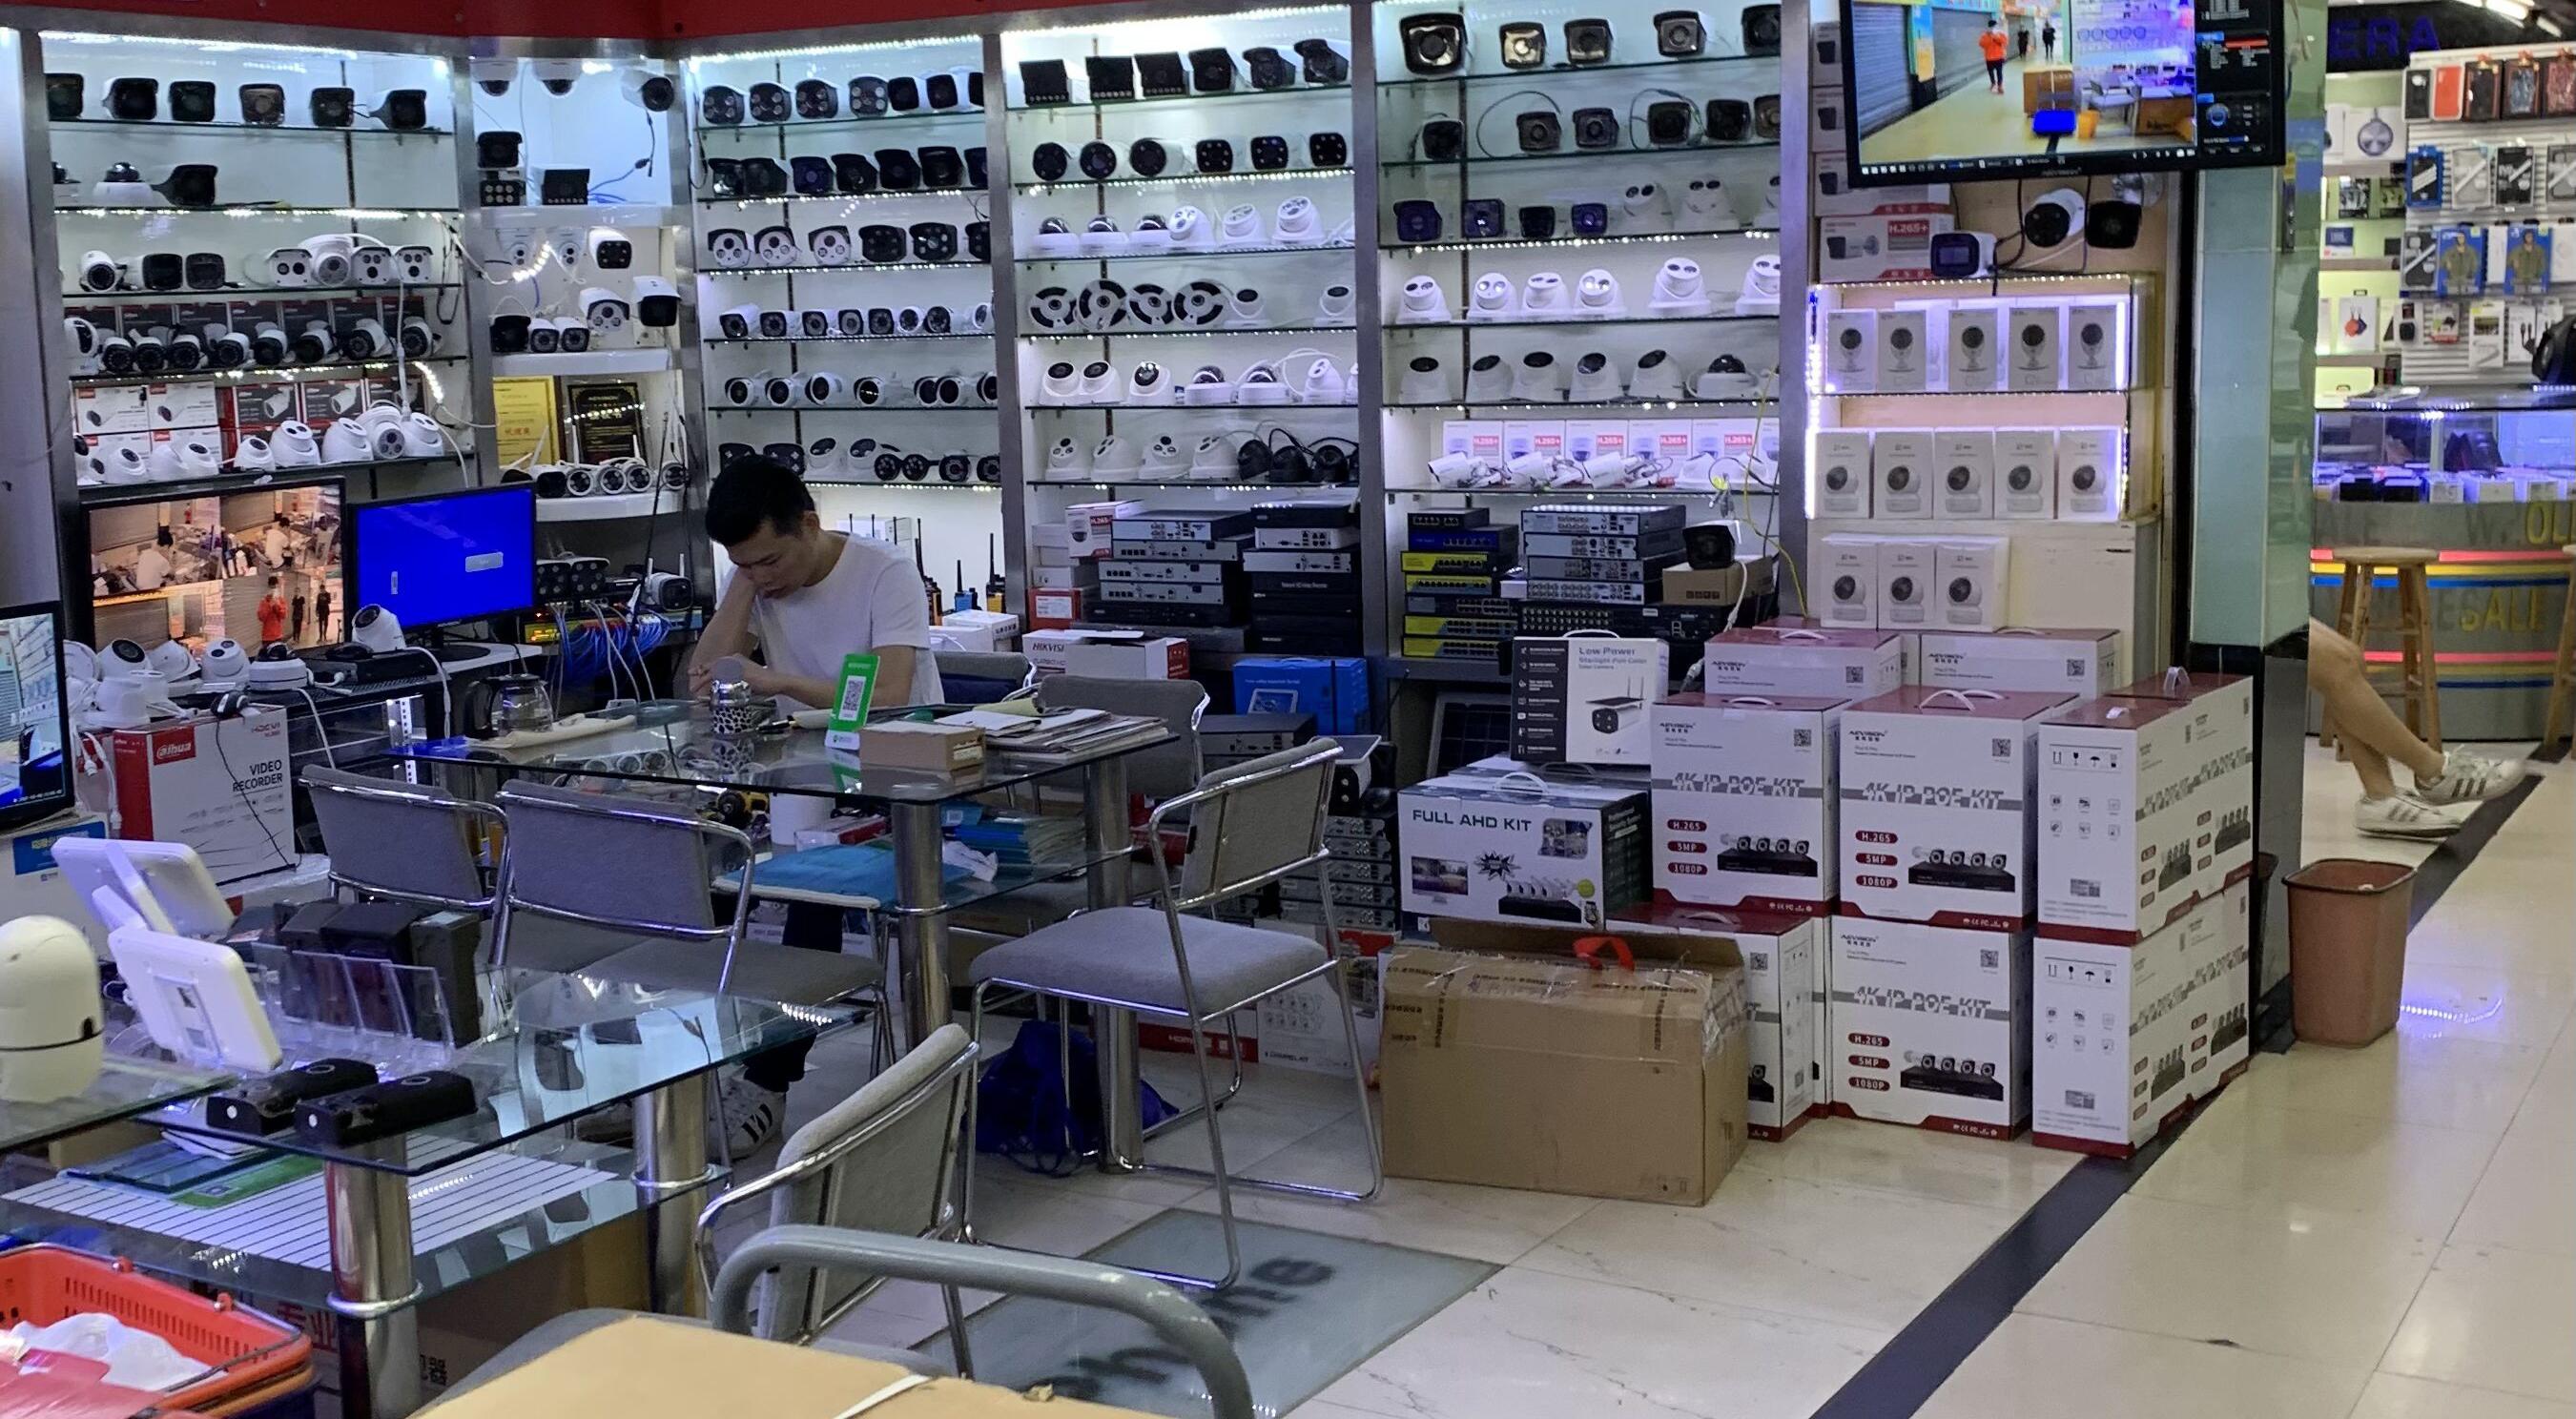 广州某电子交易市场内一家专售摄像头的店铺摄影    摄影/南英